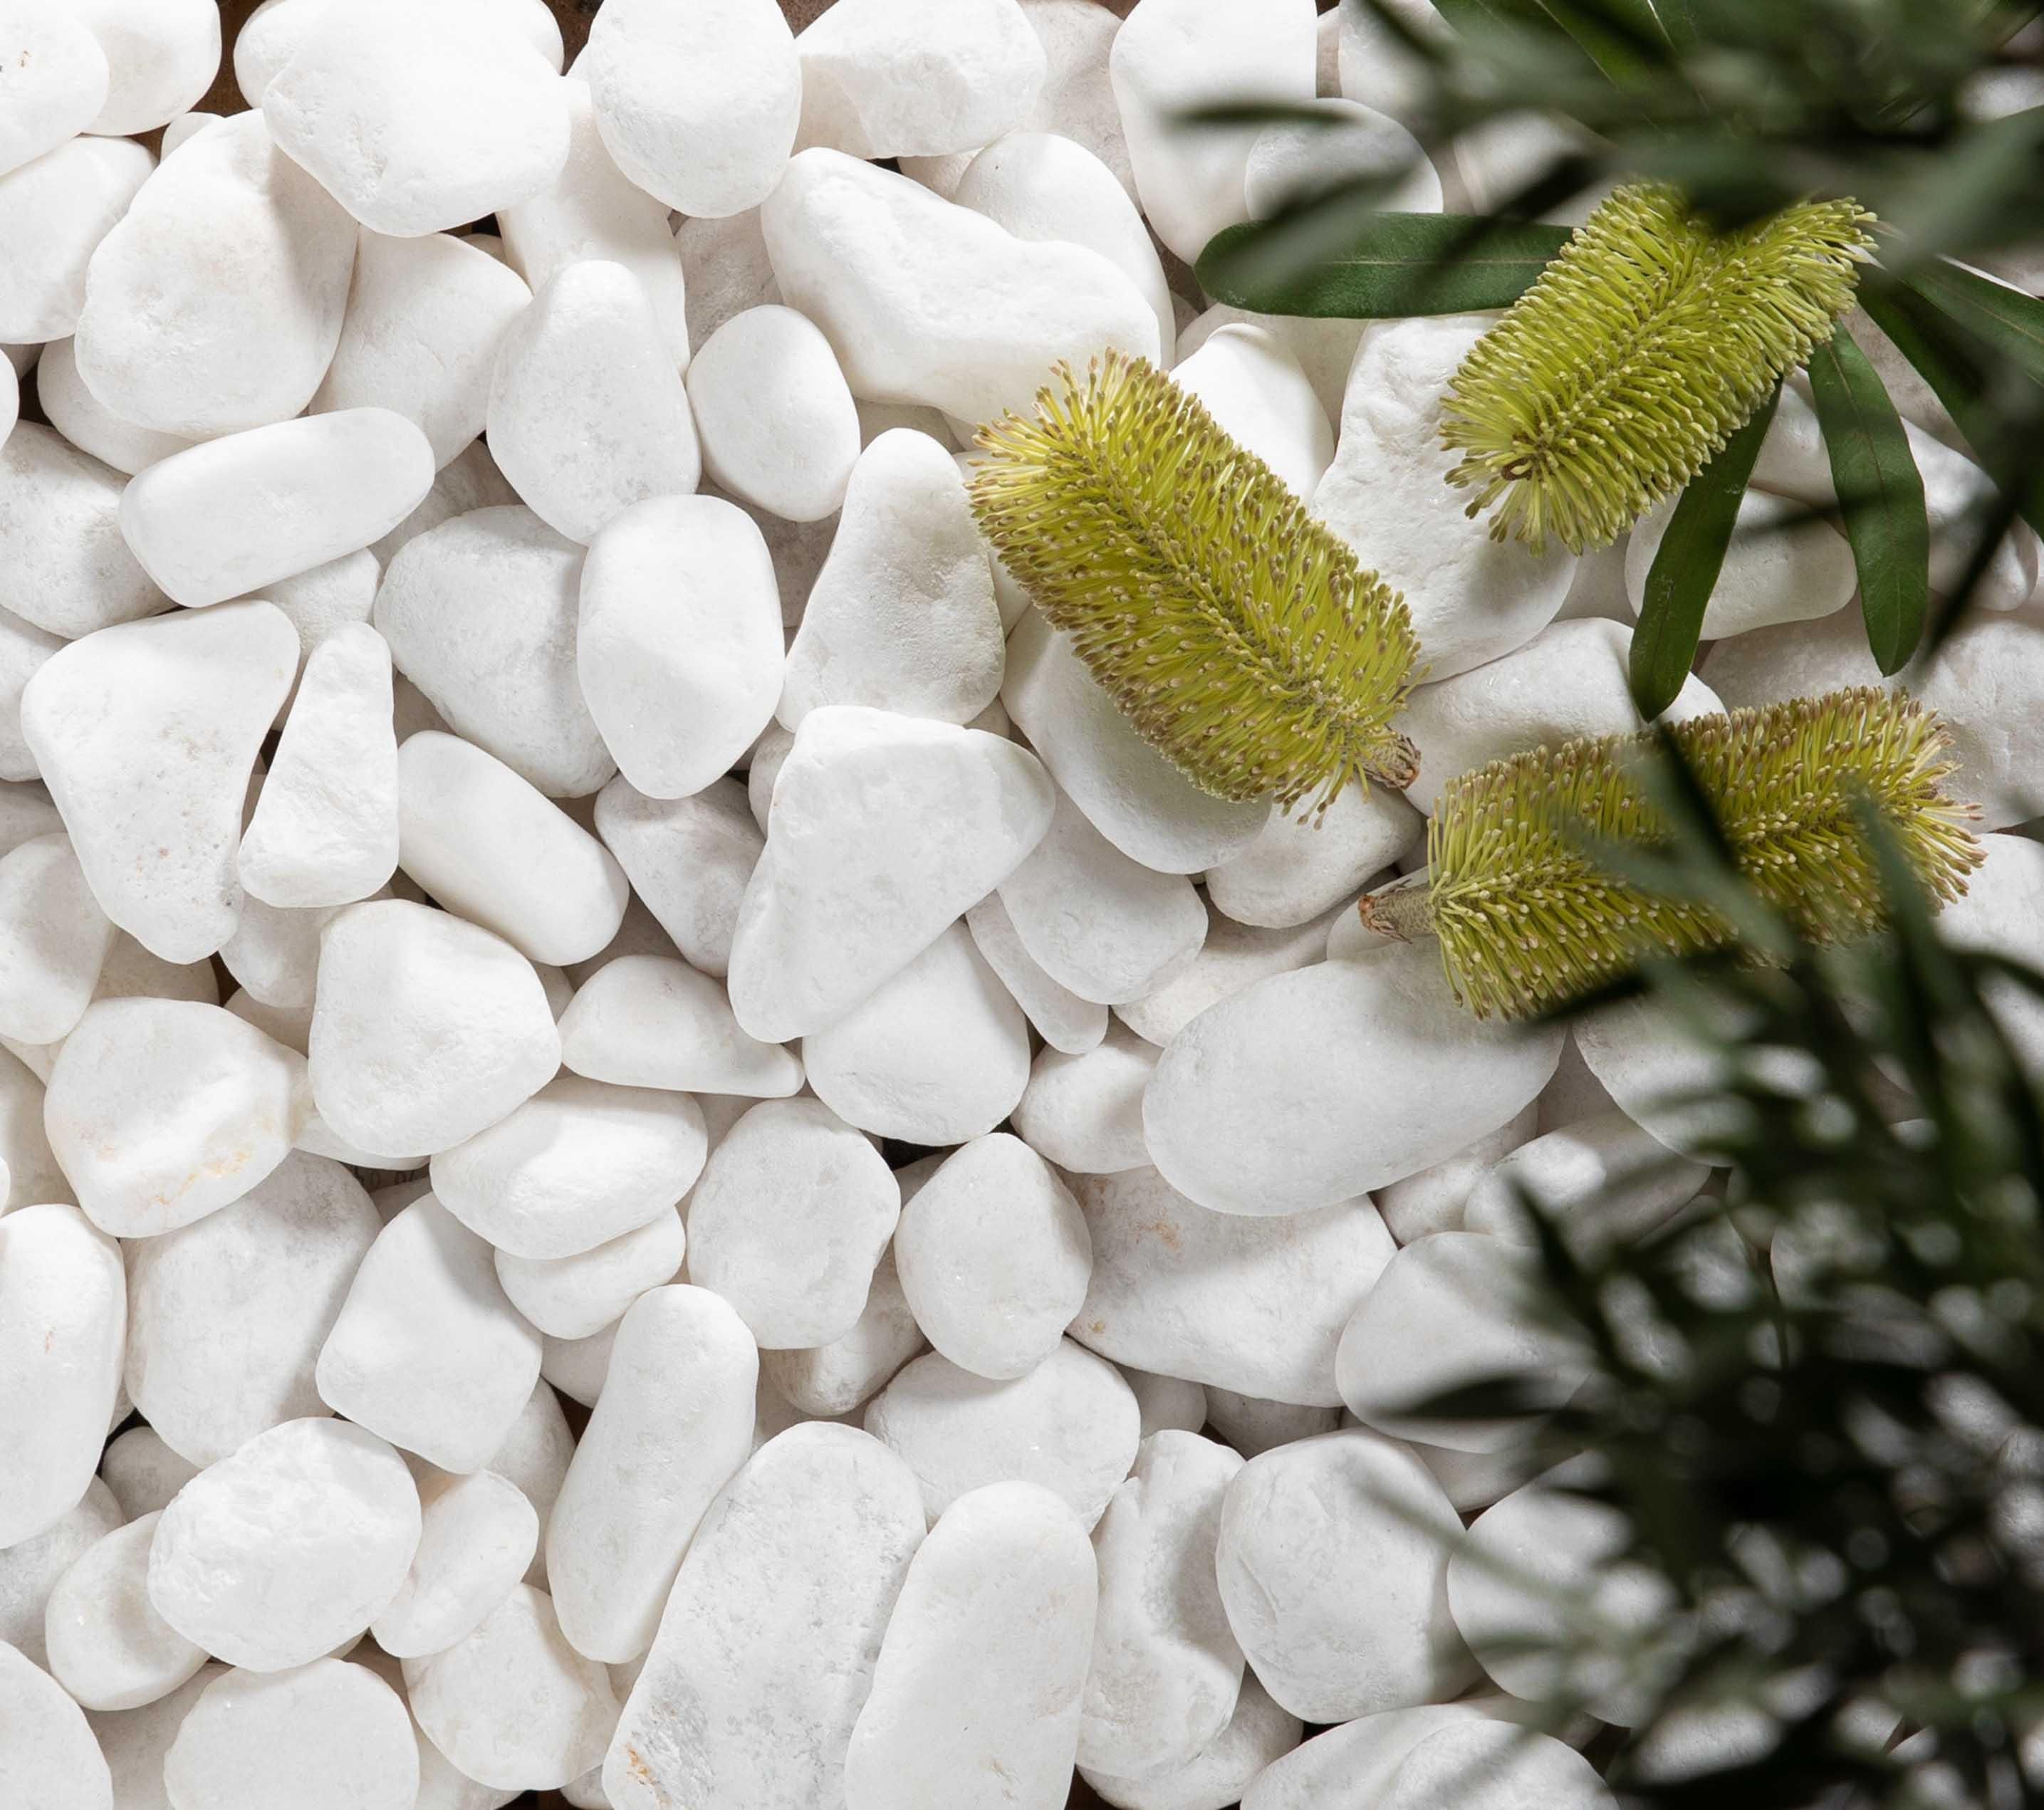 stone-pebbles Hero snow-white-stone-pebbles